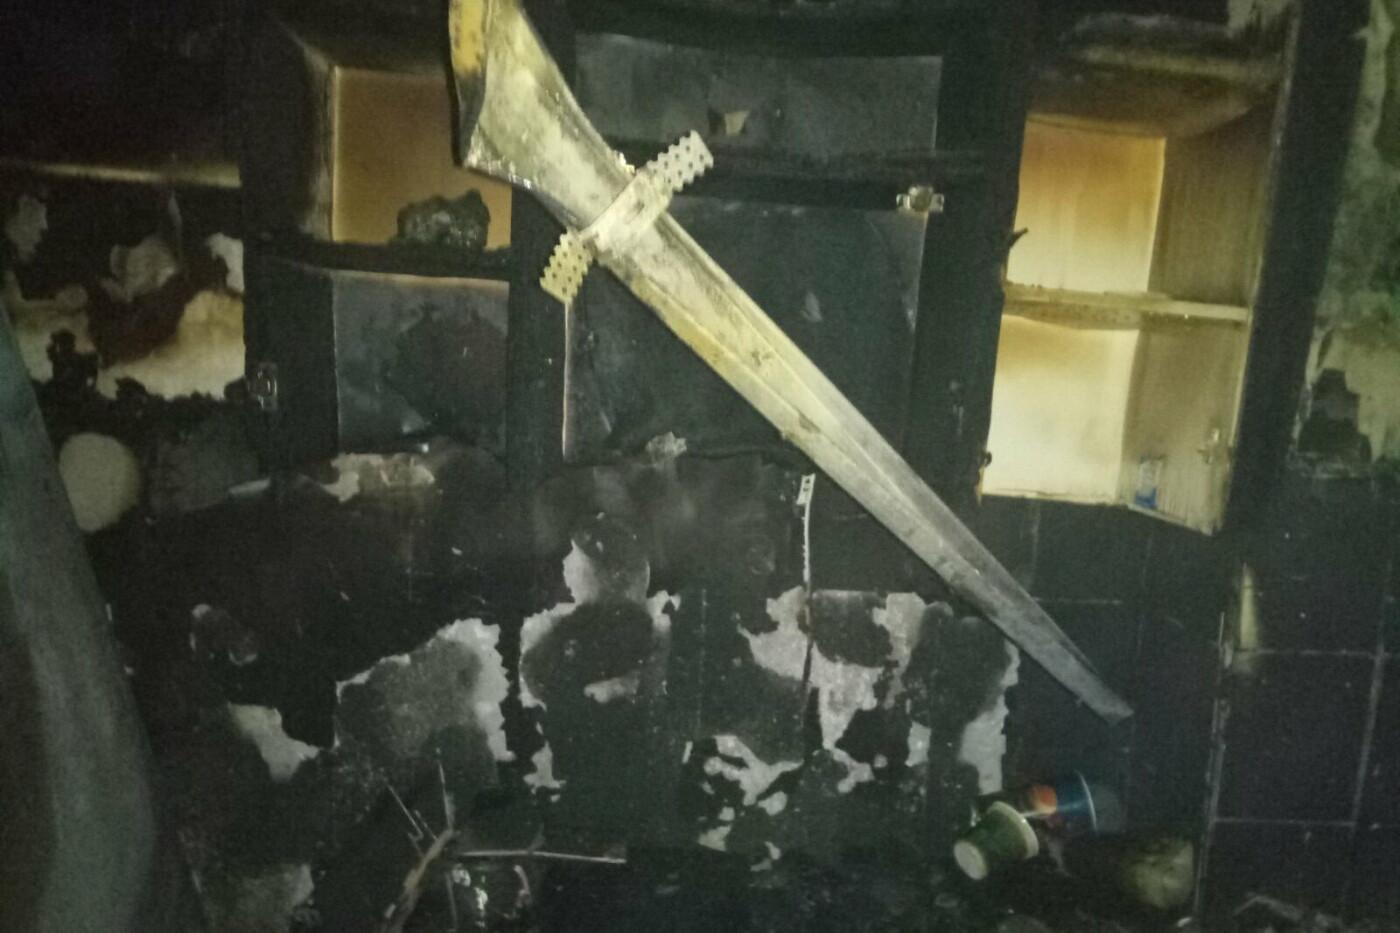 В Харькове загорелась квартира: бойцы ГСЧС спасли 10 и эвакуировали 49 человек, - ФОТО, ВИДЕО, фото-2